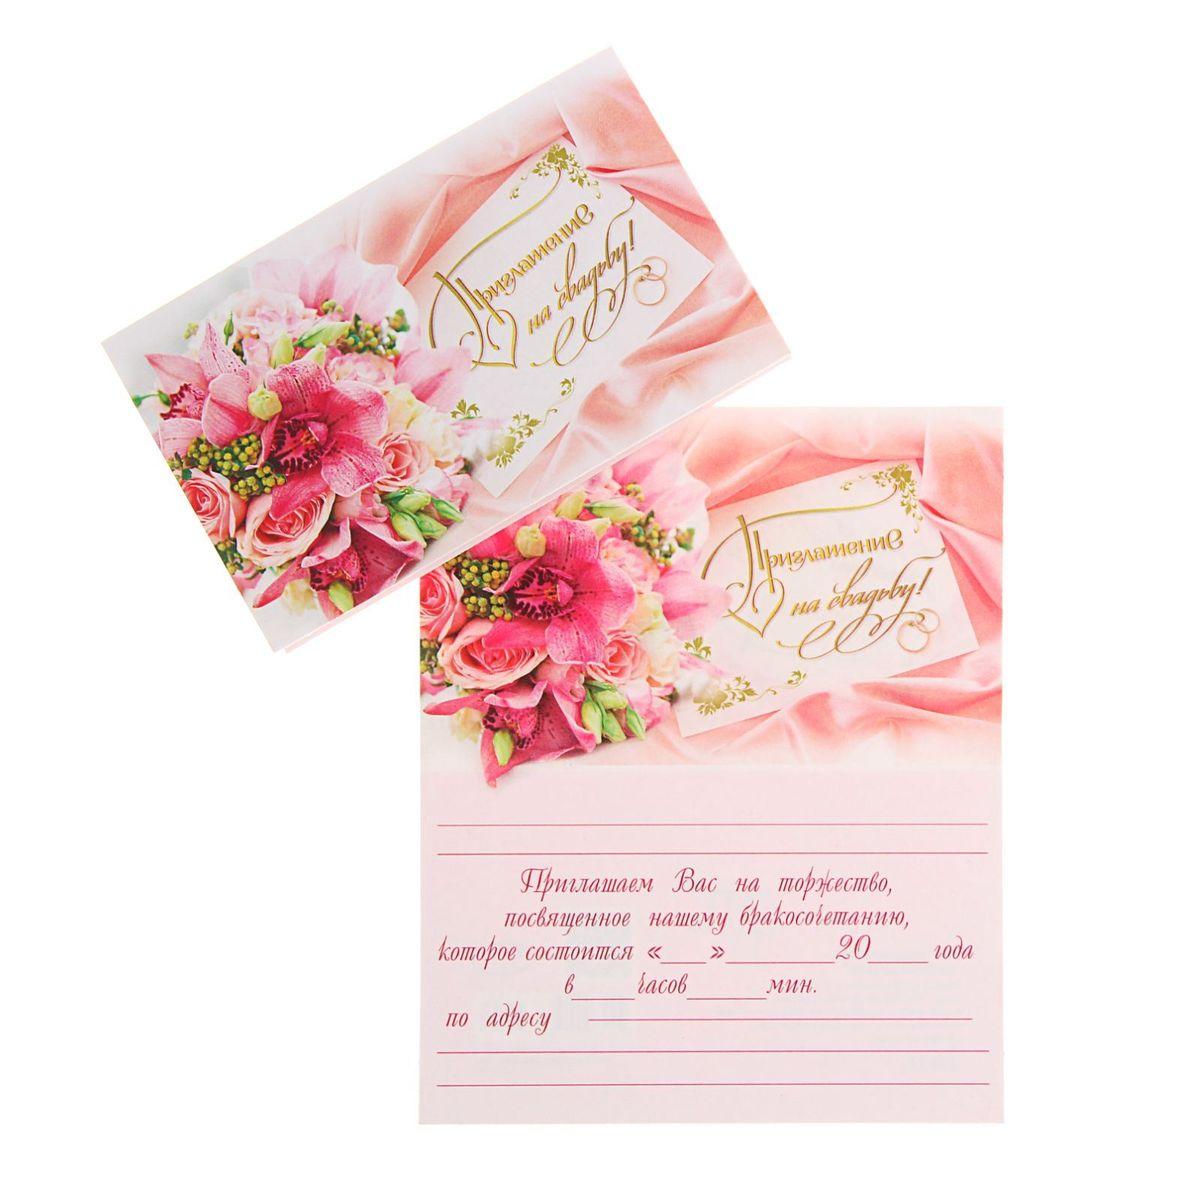 Приглашение на свадьбу Русский дизайн Розовый букет, 14 х 11 смNLED-454-9W-BKКрасивая свадебная пригласительная открытка станет незаменимым атрибутом подготовки к предстоящему торжеству и позволит объявить самым дорогим вам людям о важном событии в вашей жизни. Приглашение на свадьбу Русский дизайн Розовый букет, выполненное изкартона, отличается не только оригинальным дизайном, но и высоким качеством. Внутри - текстприглашения. Вам остается заполнить необходимые строки и раздать гостям.Устройте себе незабываемую свадьбу! Размер: 14 х 11 см.